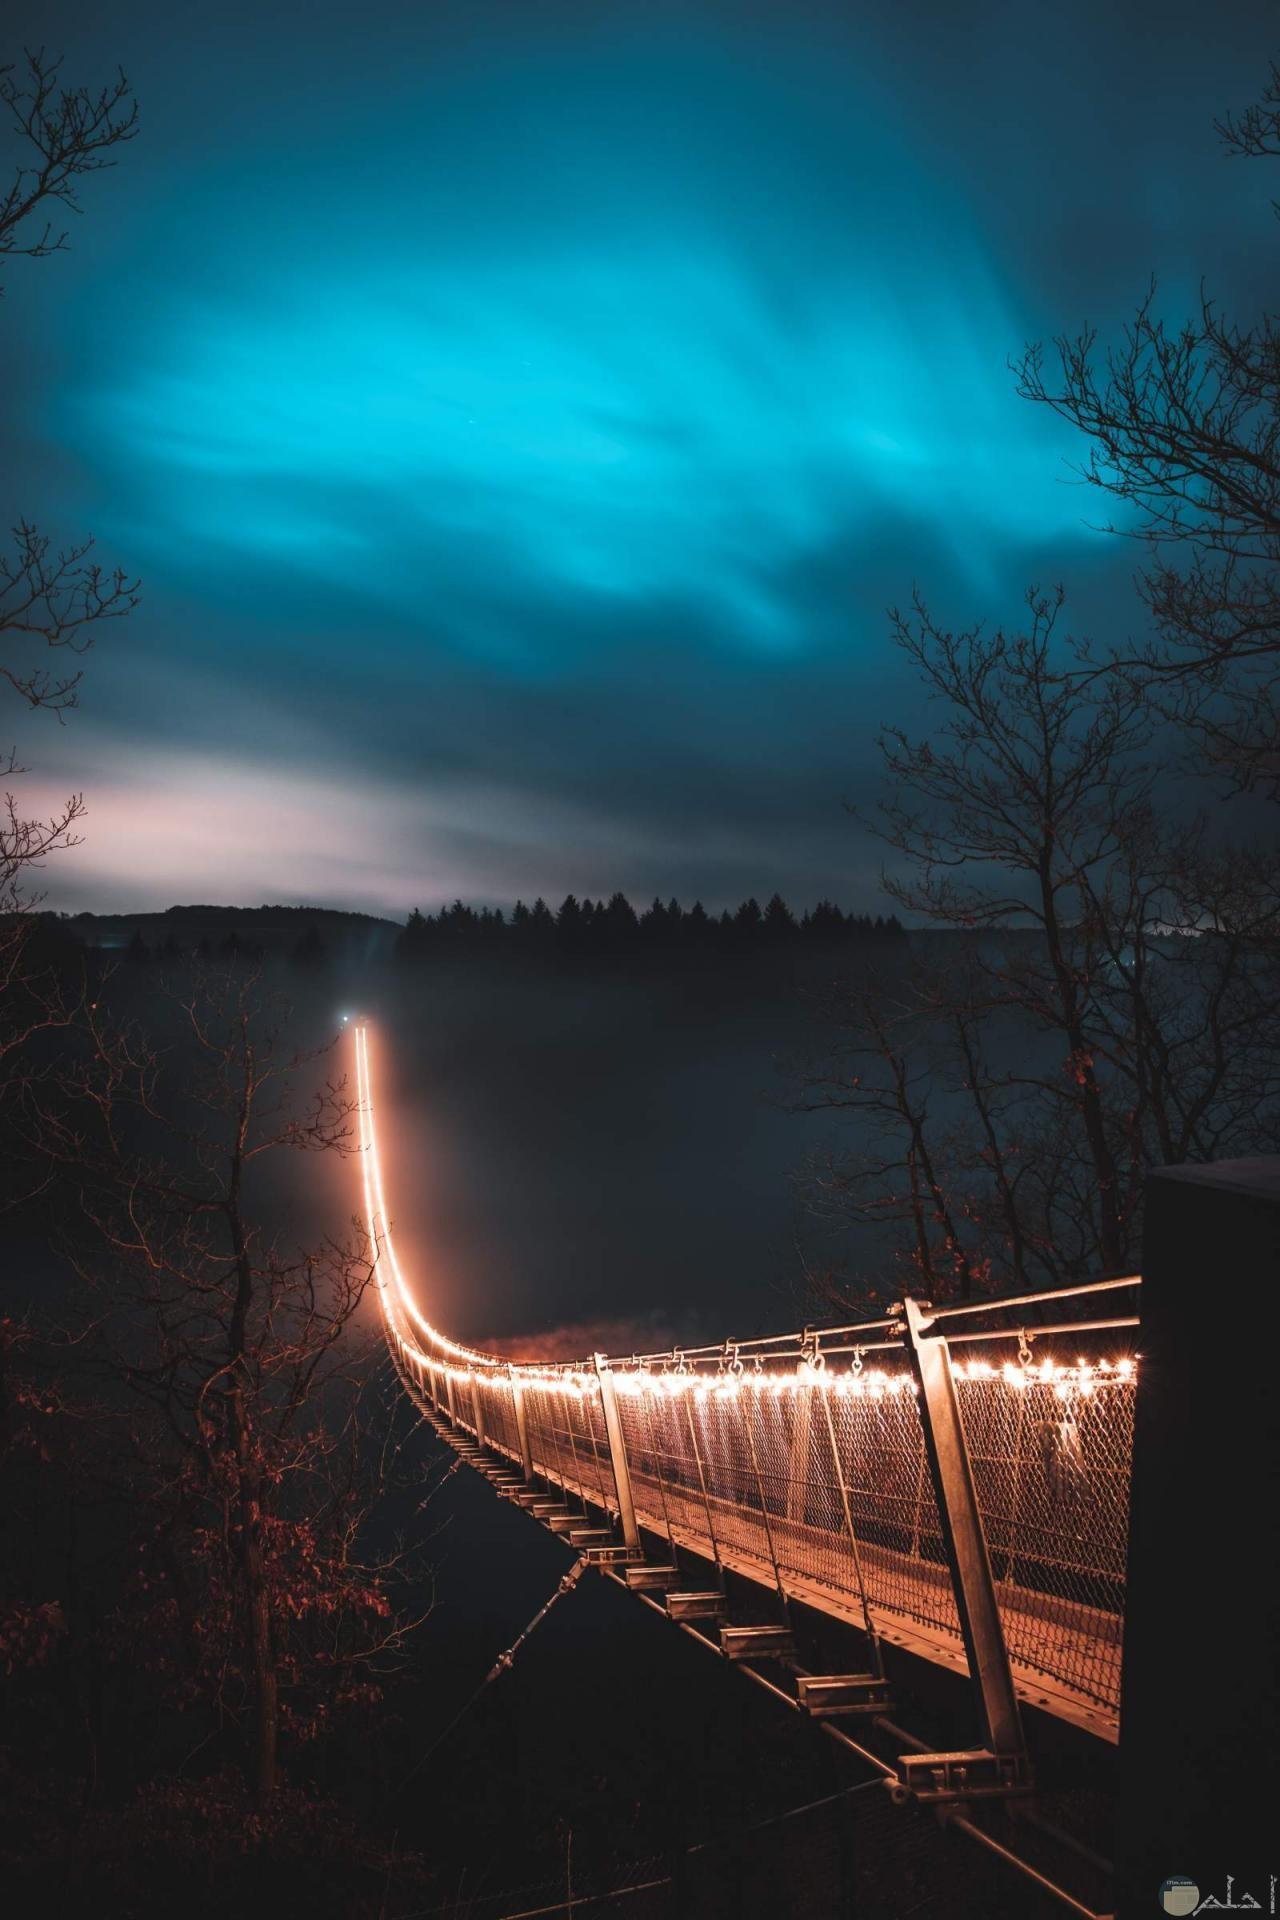 جسر مضيئ جميل